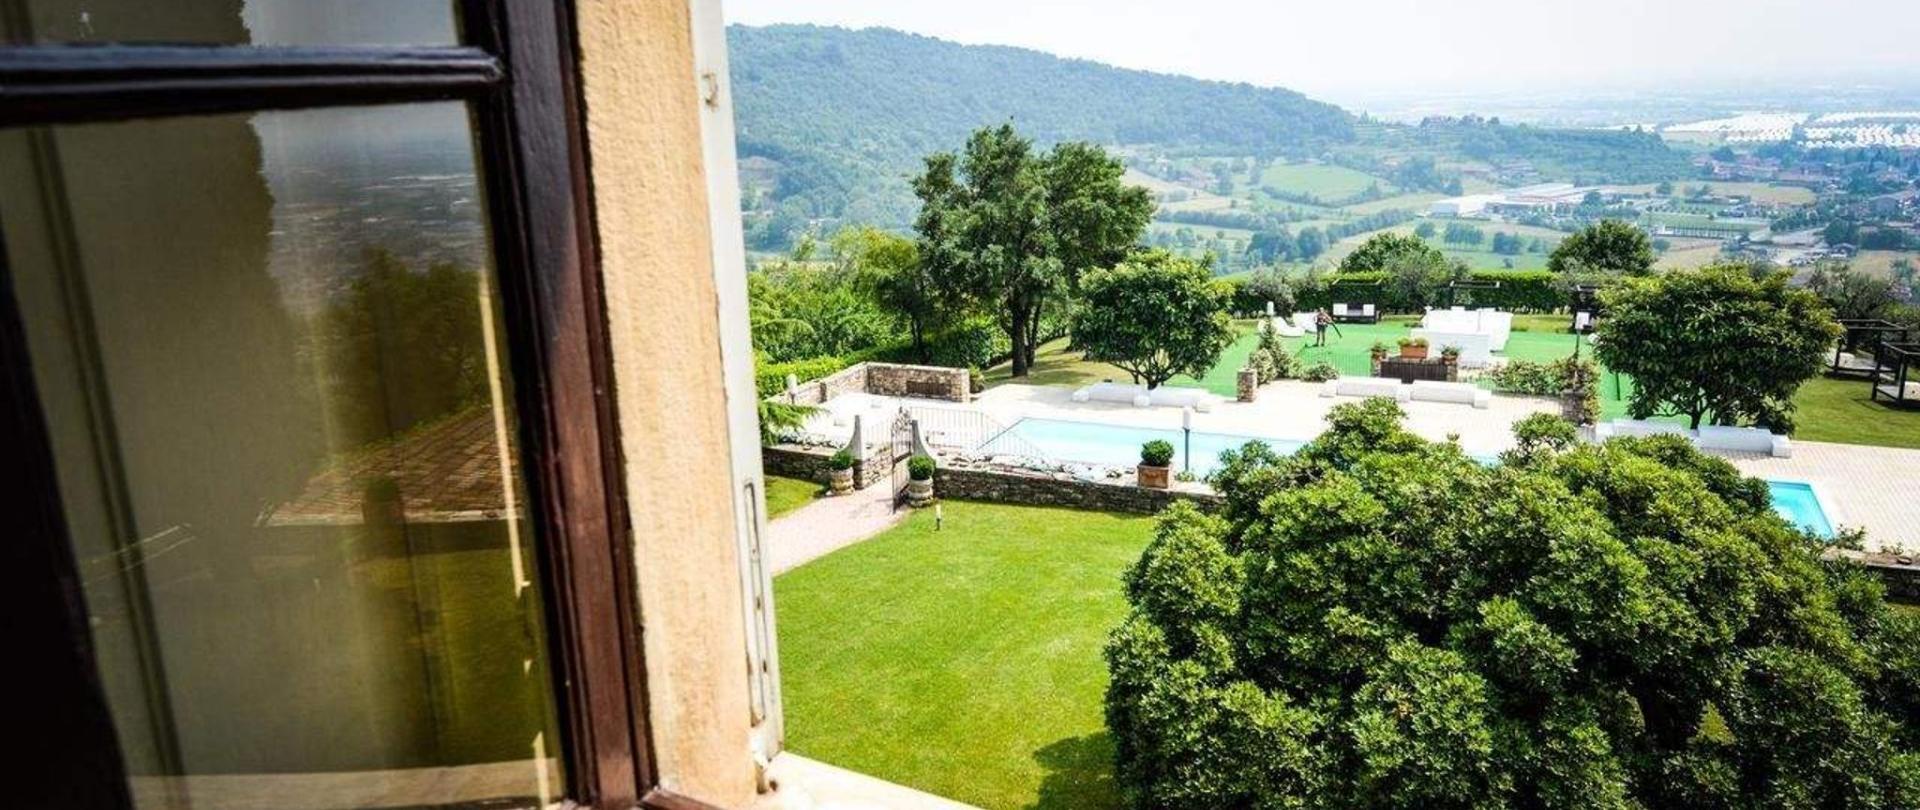 Castello degli Angeli vista da camere storiche.jpg